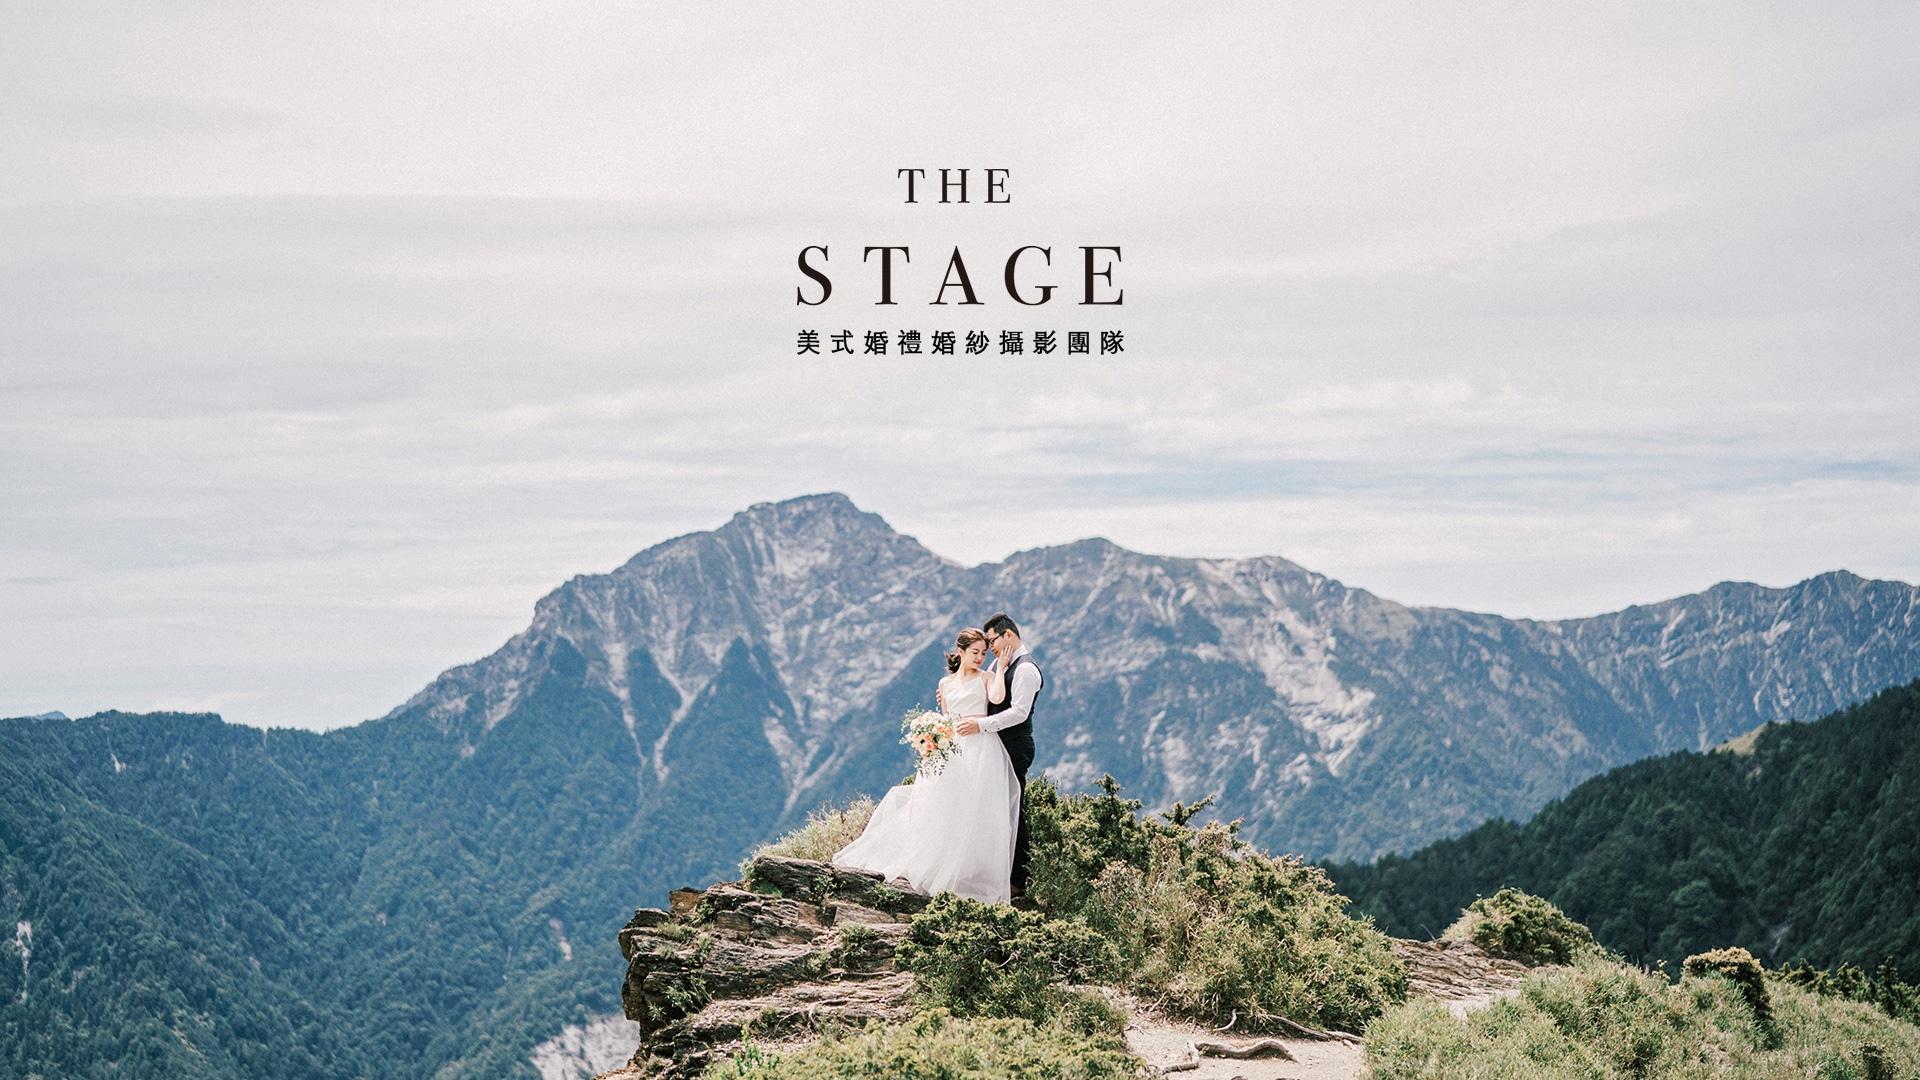 The Stage 美式婚紗攝影 1